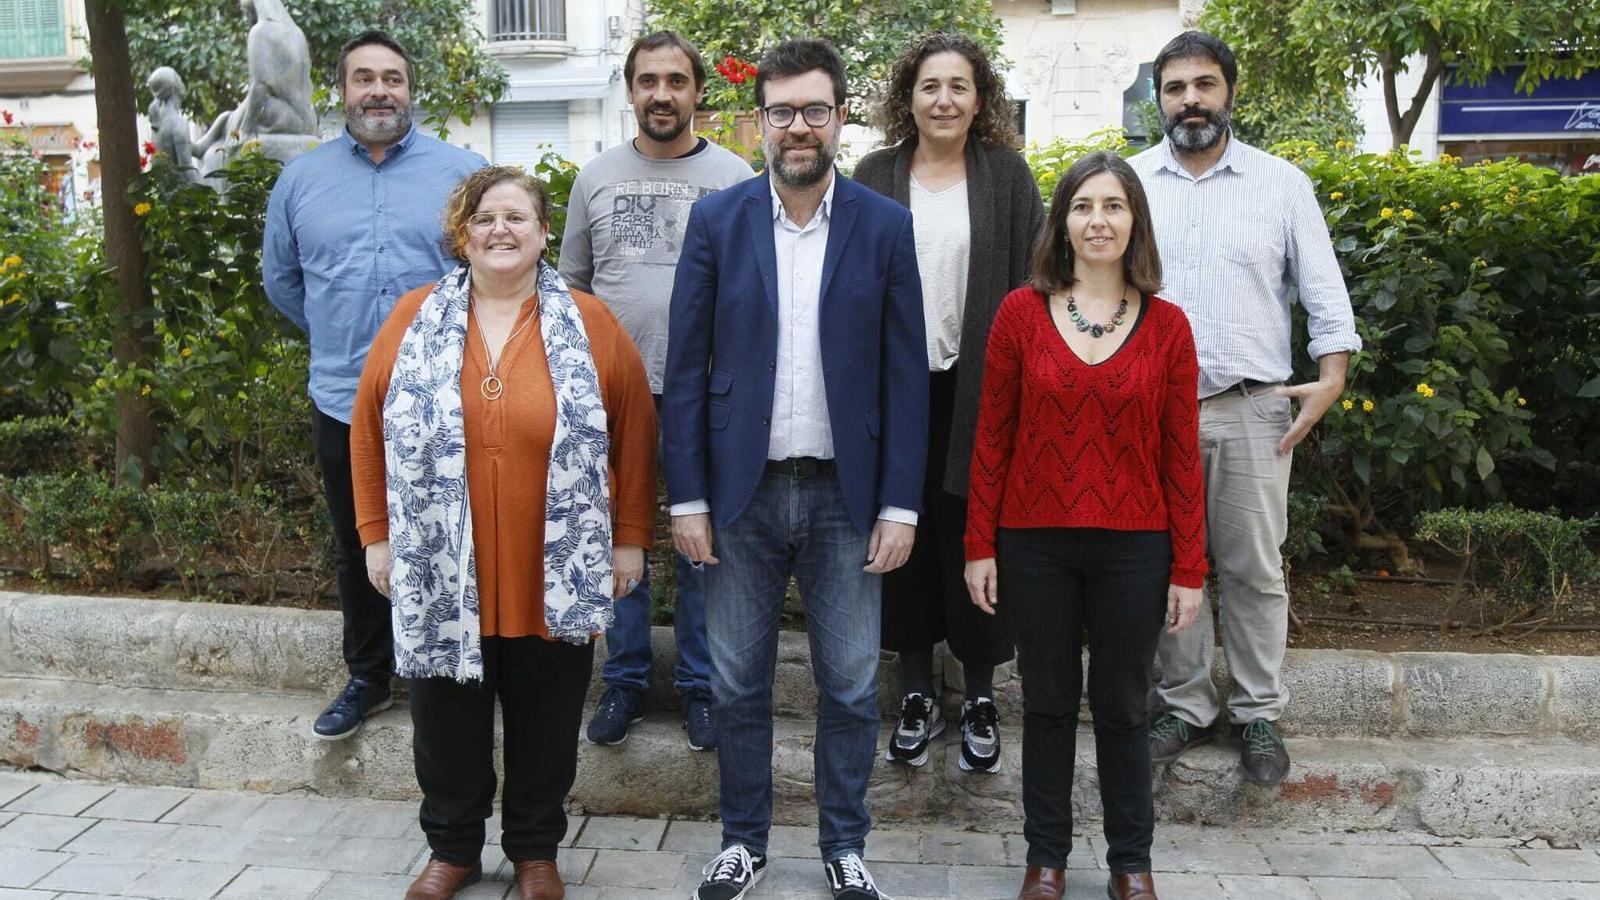 Toni Noguera, acompanyat pel diputat Joan Mas, l'exconsellera Ruth Mateu, Mateu Xurí, Catalina Inès Perelló, la regidora Neus Truyol i el diputat Josep Ferrà